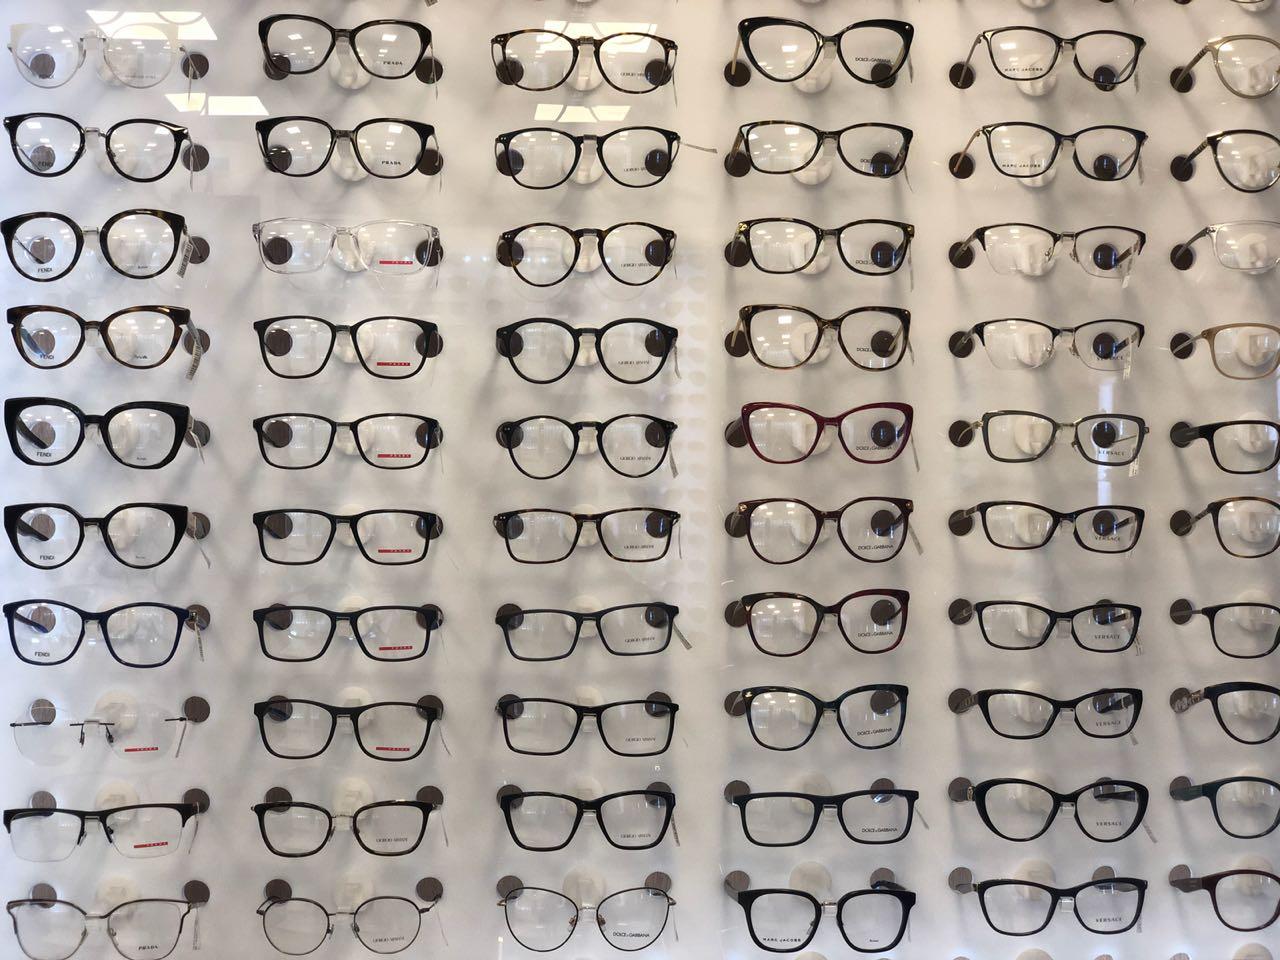 f67fc9a3e Um Trend alert para você: Os óculos de gatinho com shape retrô futurista  são super cool e famosas como Gigi Hadid e Katy Perry já aderiram o modelo  que ...